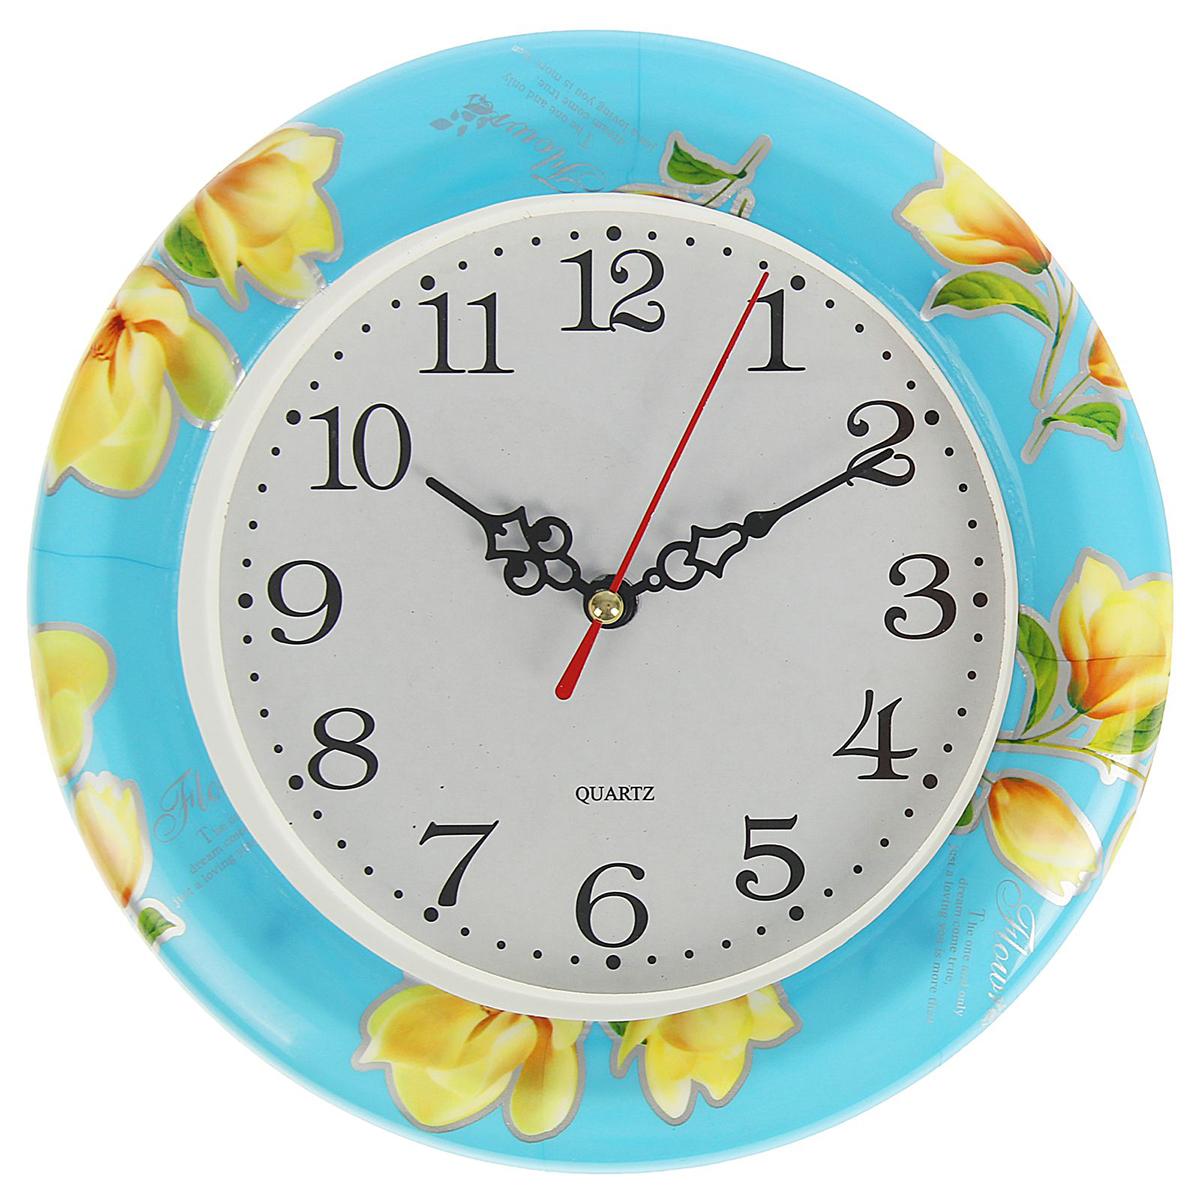 Часы настенные Весеннее настроение. Магнолии в синем небе, диаметр 20 см1737077Каждому хозяину периодически приходит мысль обновить свою квартиру, сделать ремонт, перестановку или кардинально поменять внешний вид каждой комнаты. Часы настенные круглые Магнолии в синем небе, d=20 см — привлекательная деталь, которая поможет воплотить вашу интерьерную идею, создать неповторимую атмосферу в вашем доме. Окружите себя приятными мелочами, пусть они радуют глаз и дарят гармонию.Часы настенные Весеннее настроение, круг Цветы-Магнолии в синем небе, d=20см 1737077